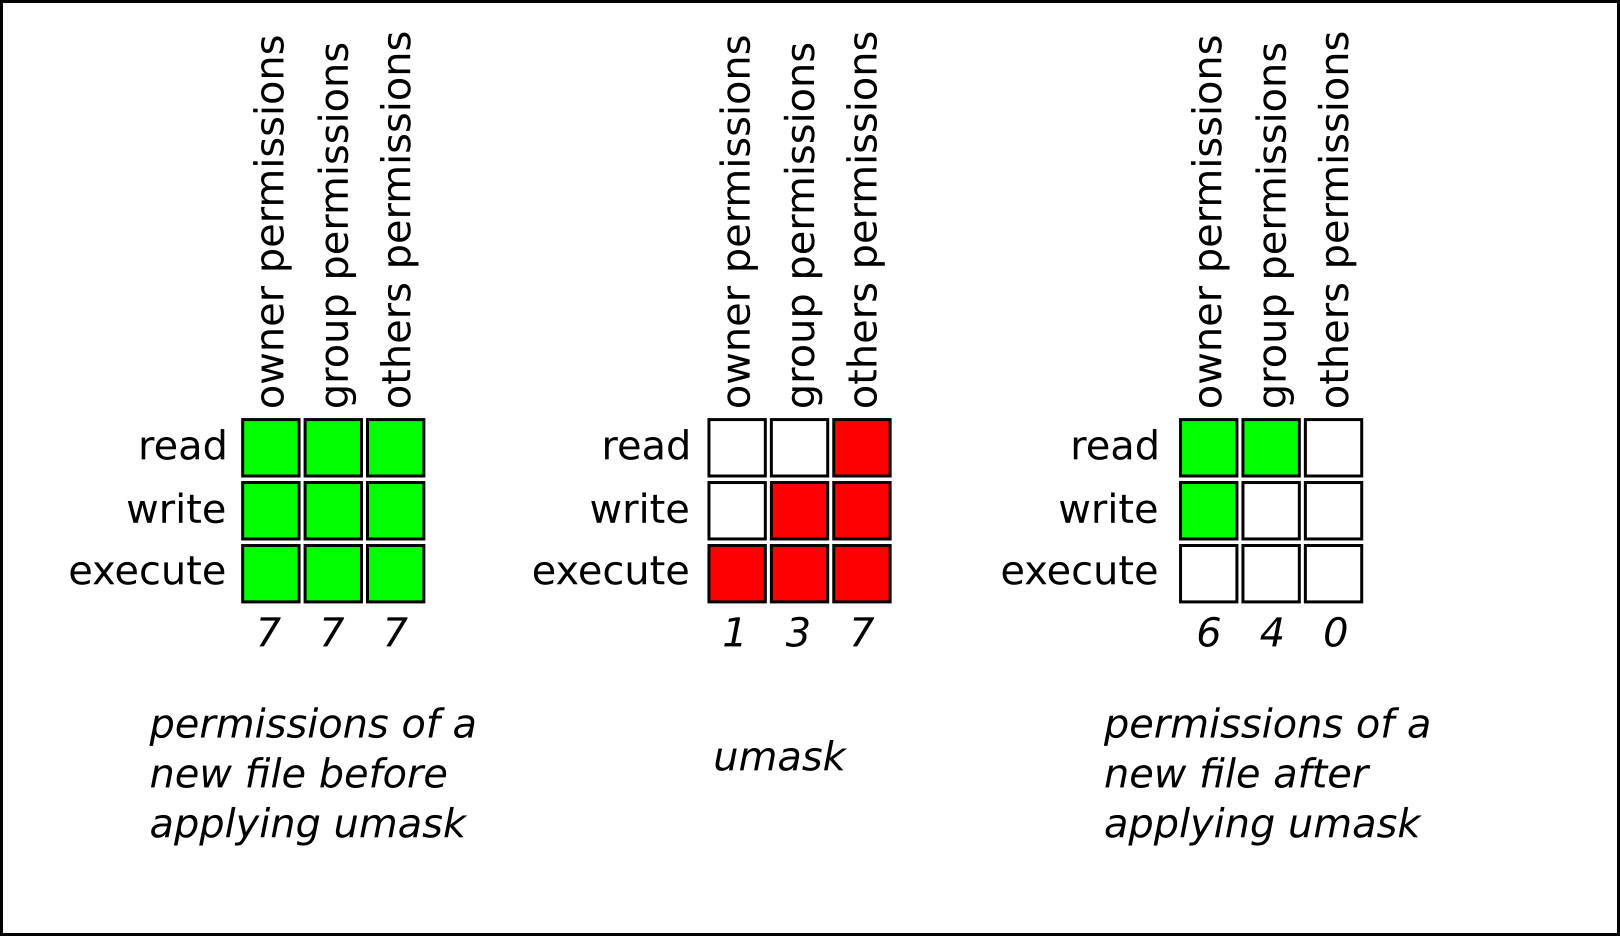 ファイルの作成時に umask を適用